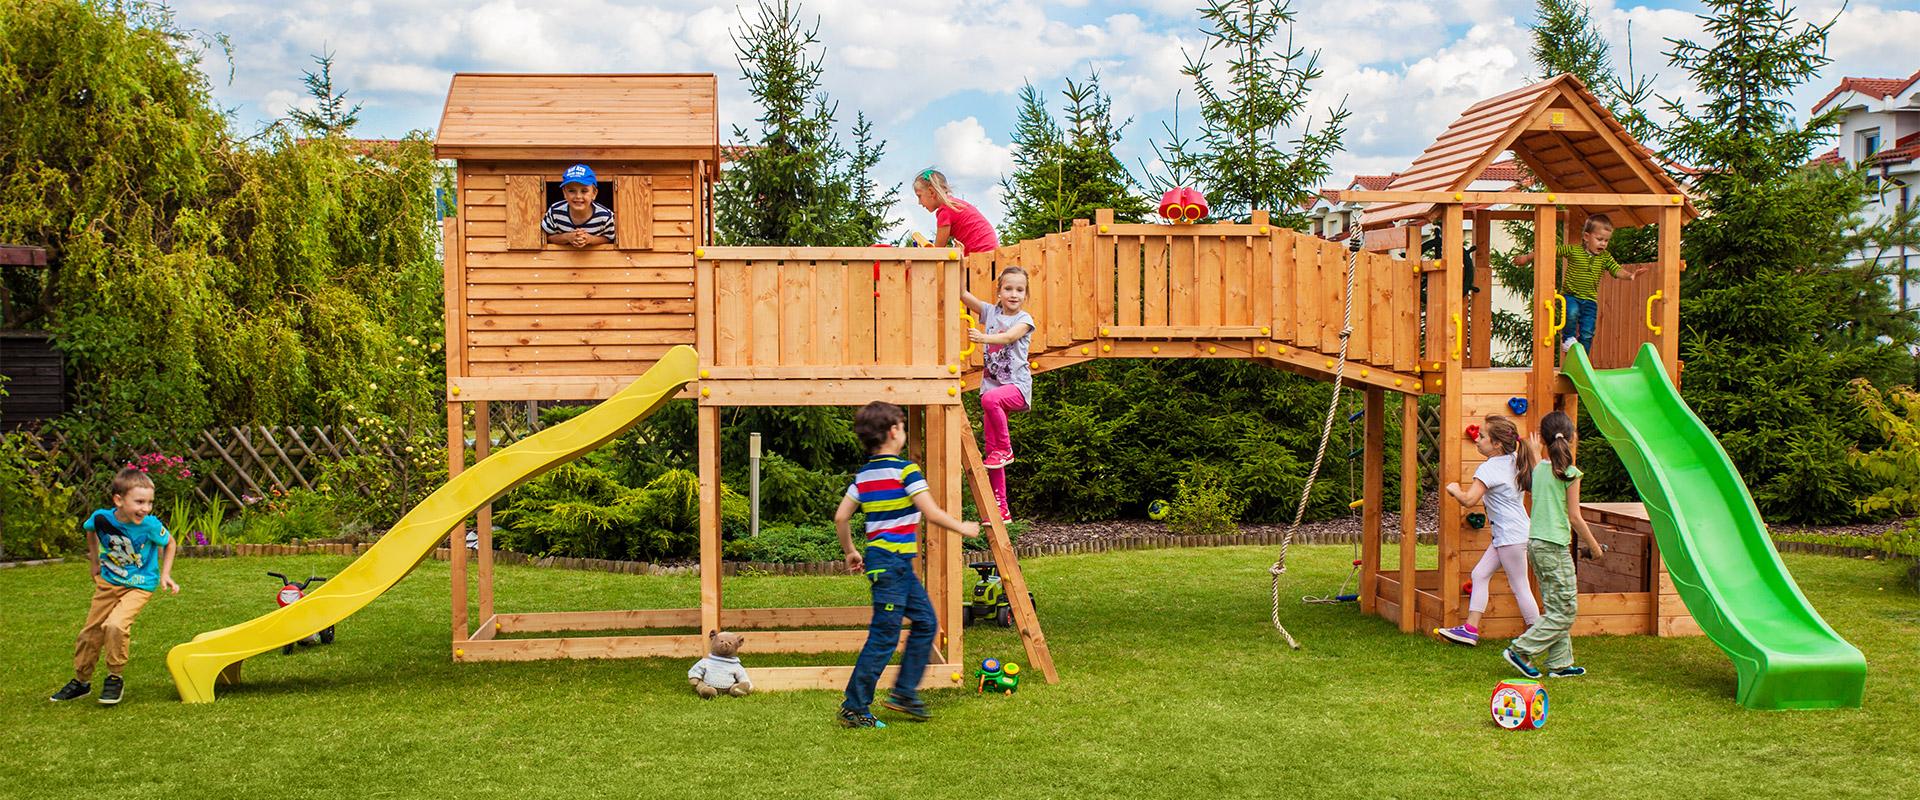 Детская игровая площадка с мостом